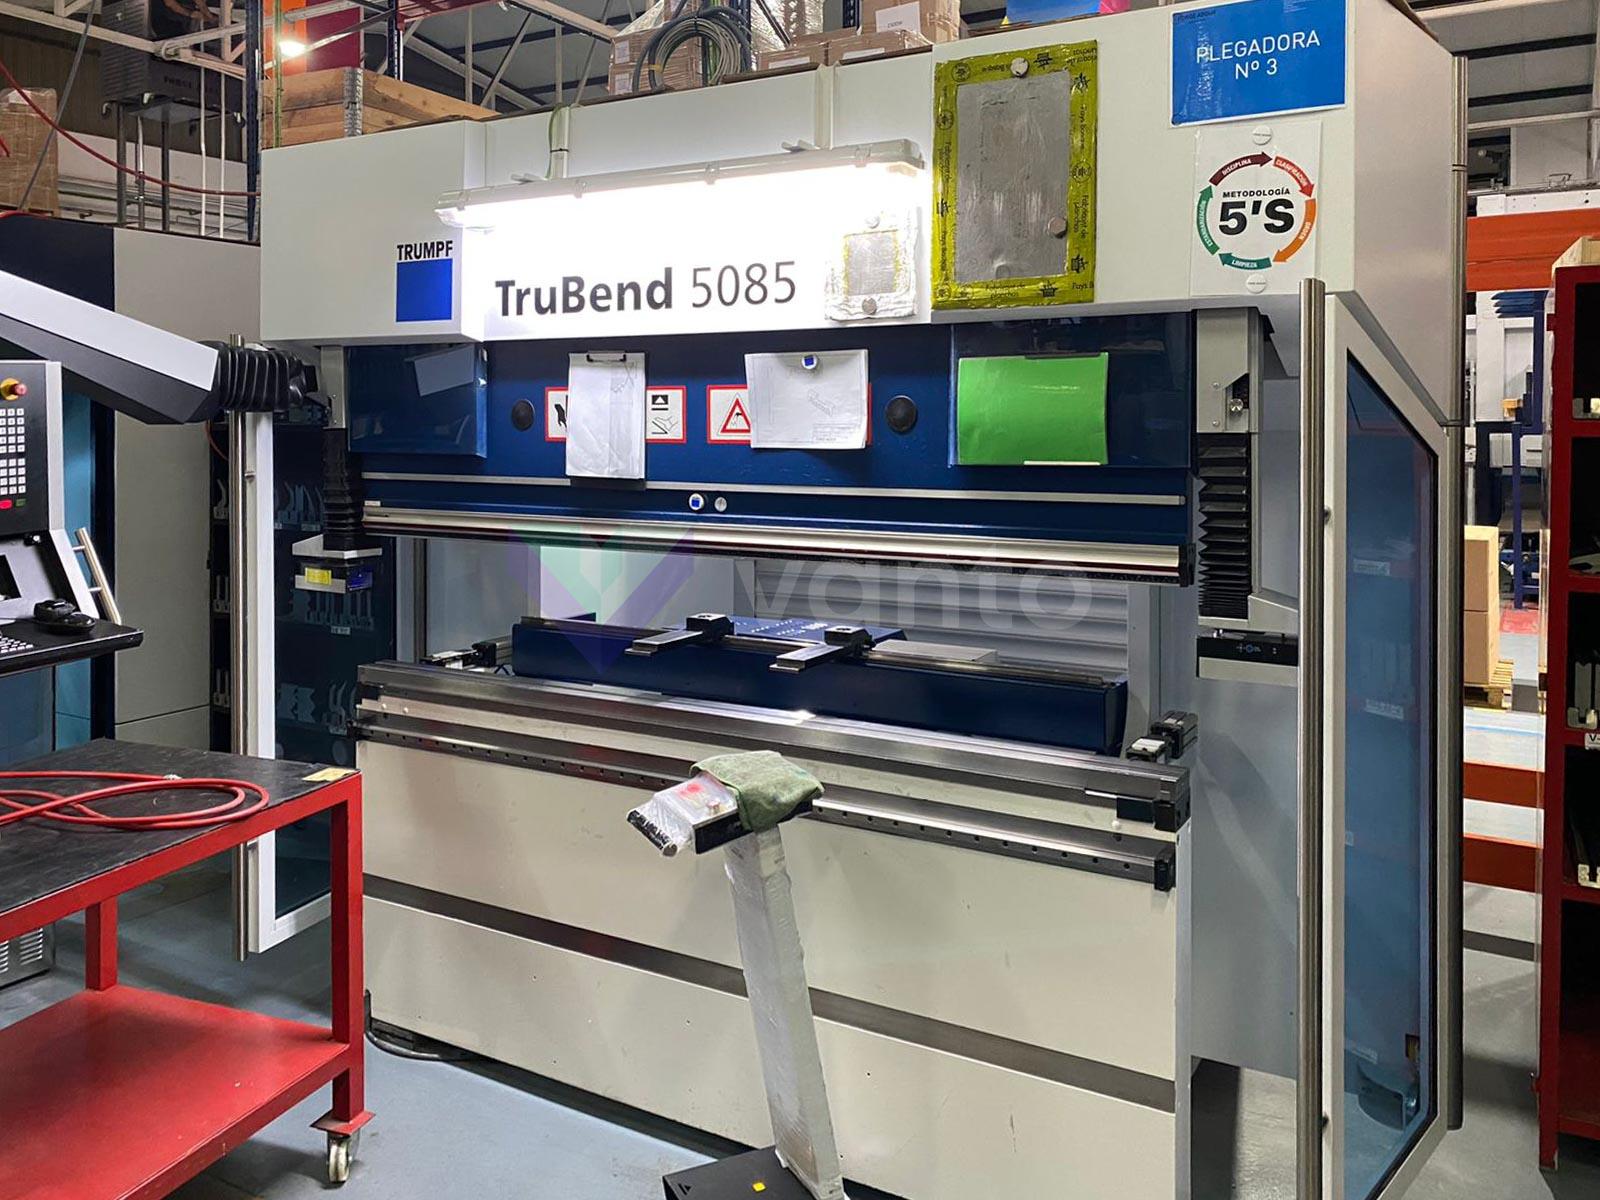 Plegadora CNC TRUMPF TruBend 5085 (2014) id10443